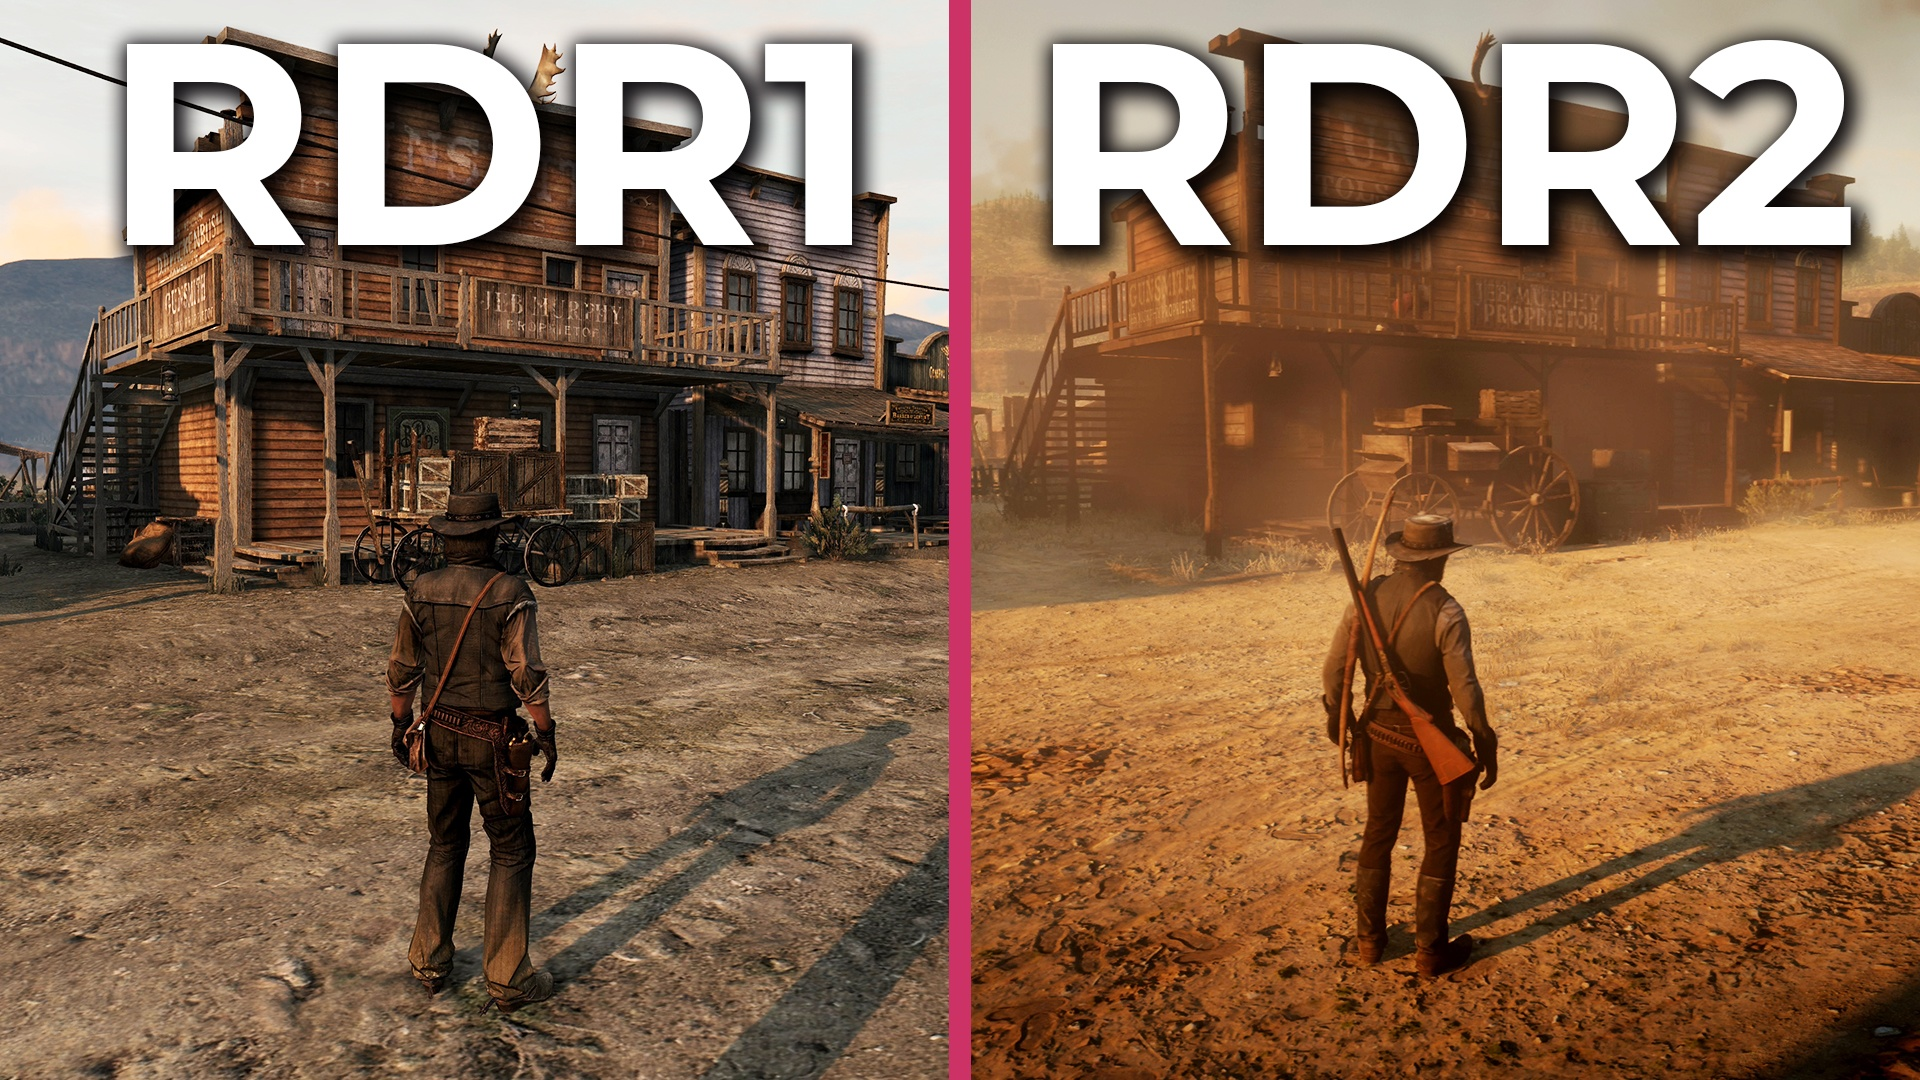 Red Dead Redemption 1 gegen 2 - Krasse Weiterentwicklung beim direkten  Vergleich?